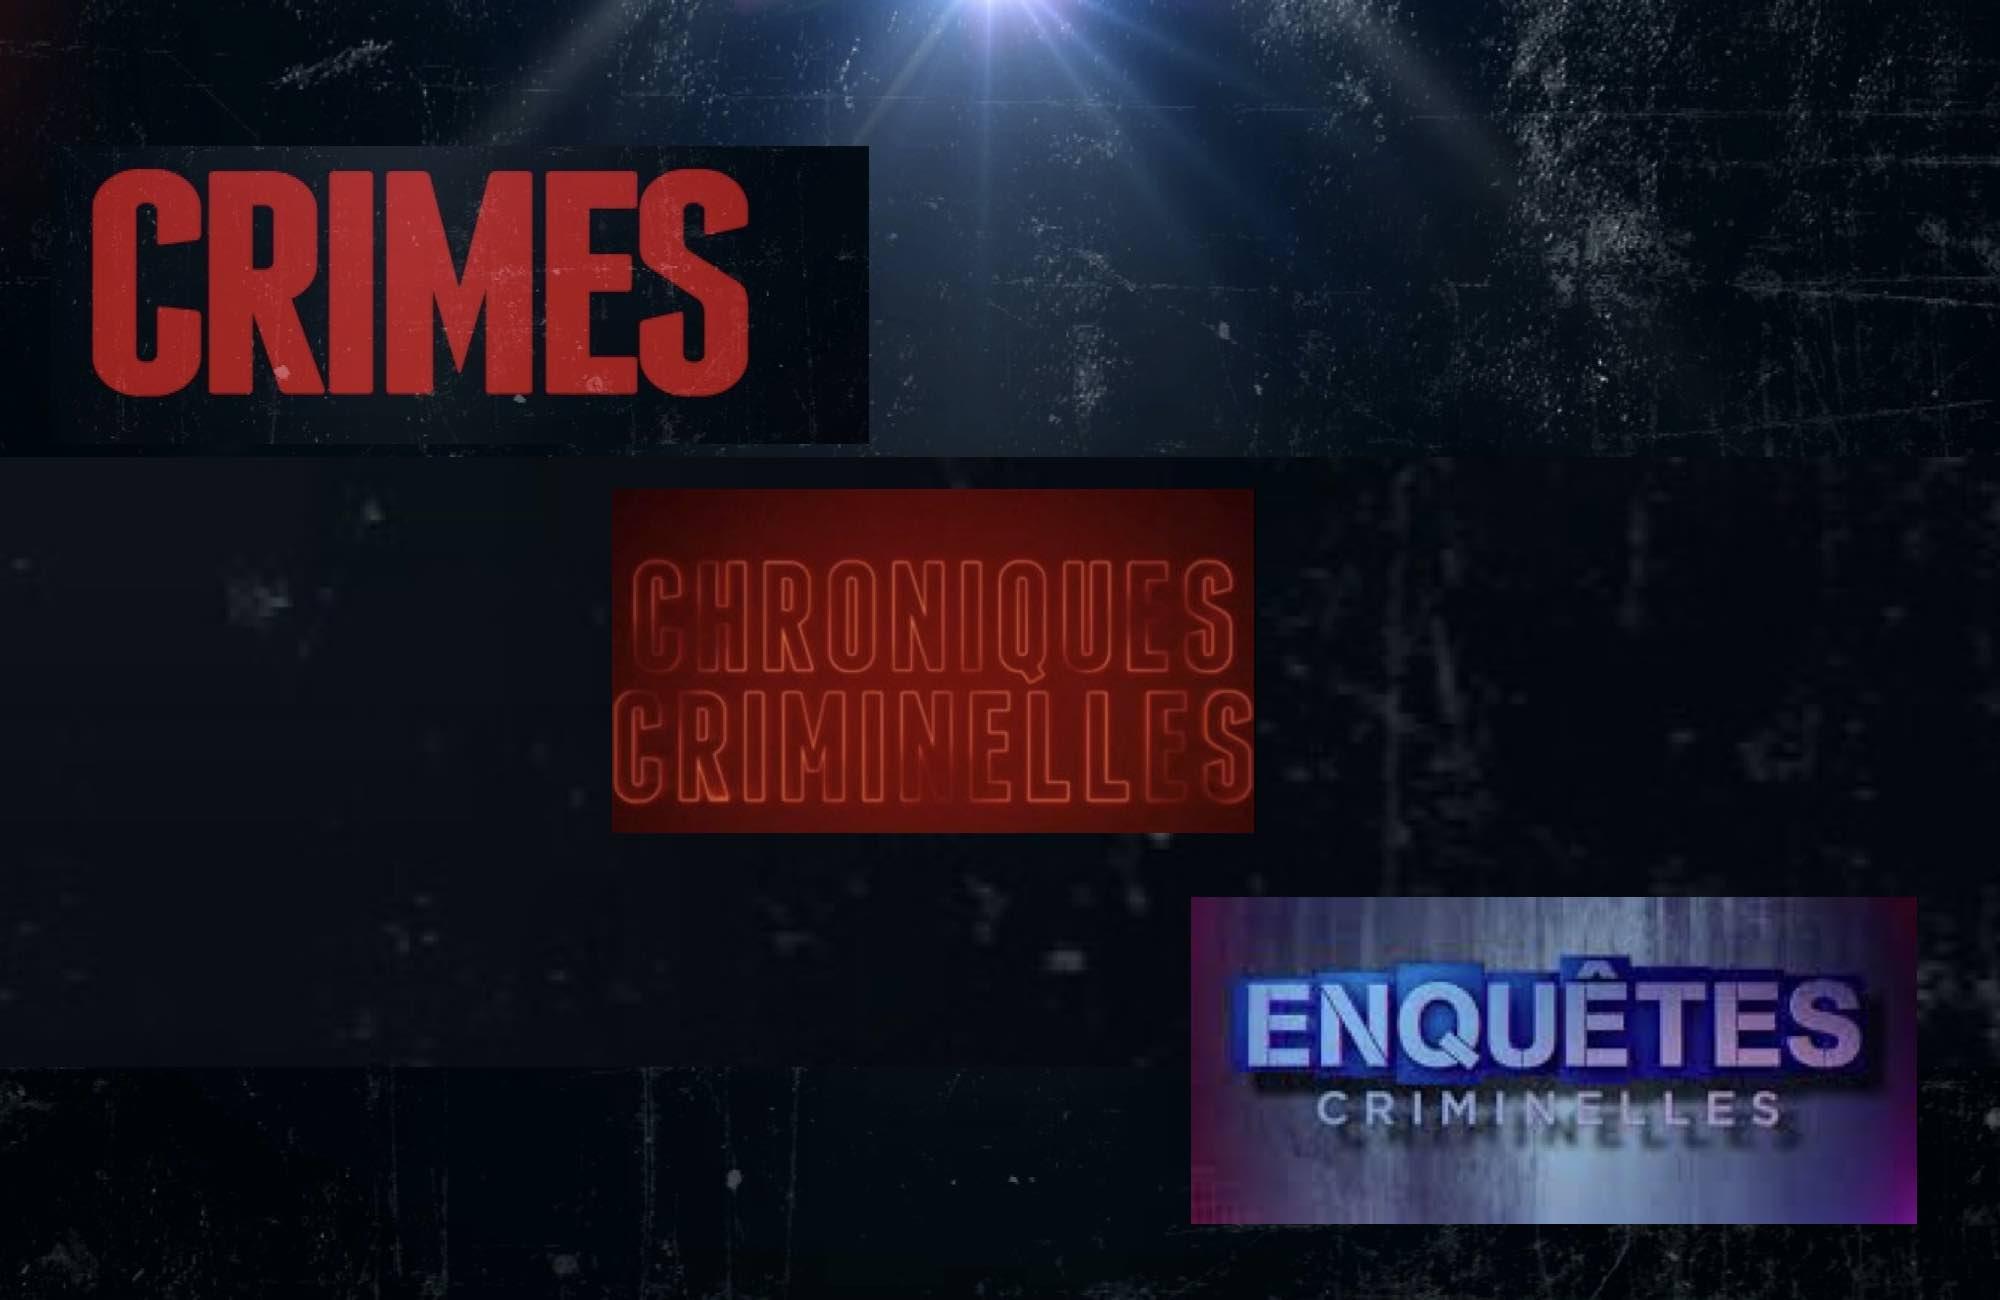 Crimes - Enquêtes criminelles - chroniques criminelles